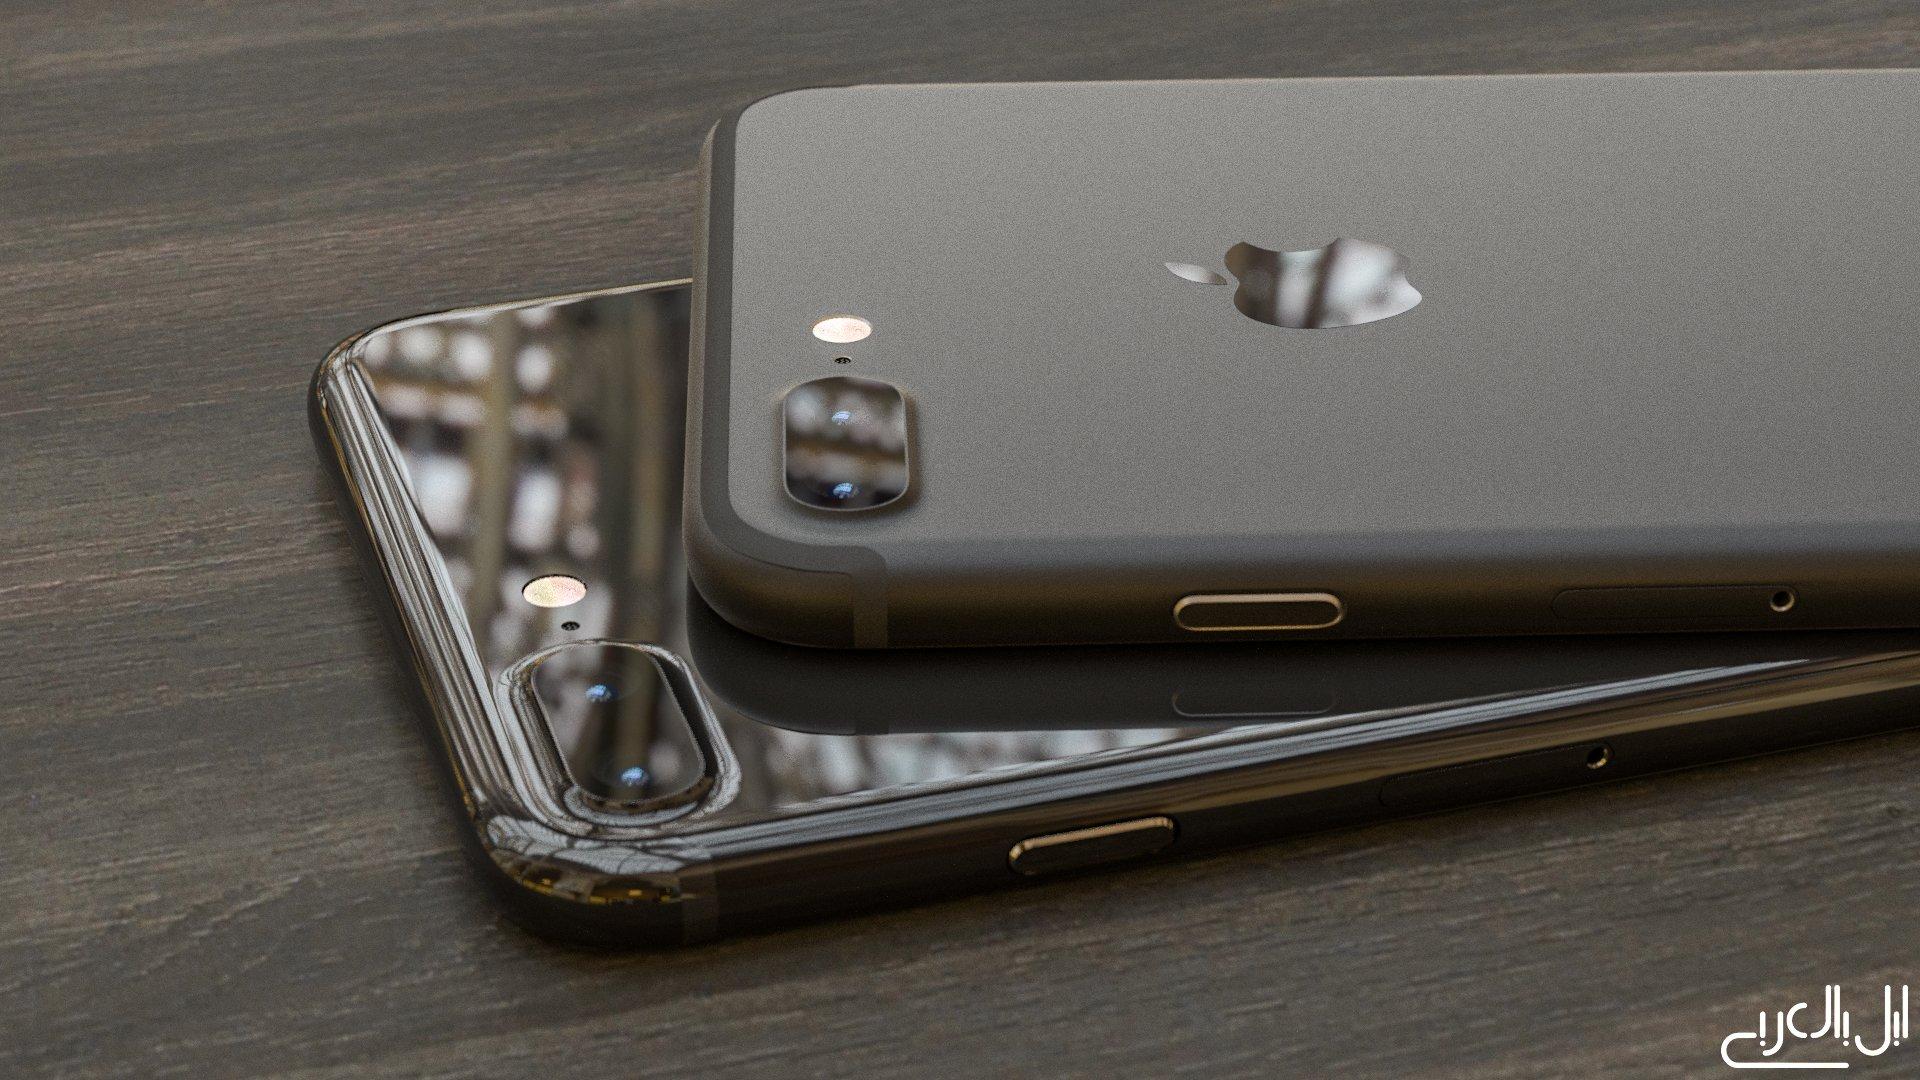 iPhone 7 màu đen bóng sẽ trông như thế nào? - Ảnh 2.